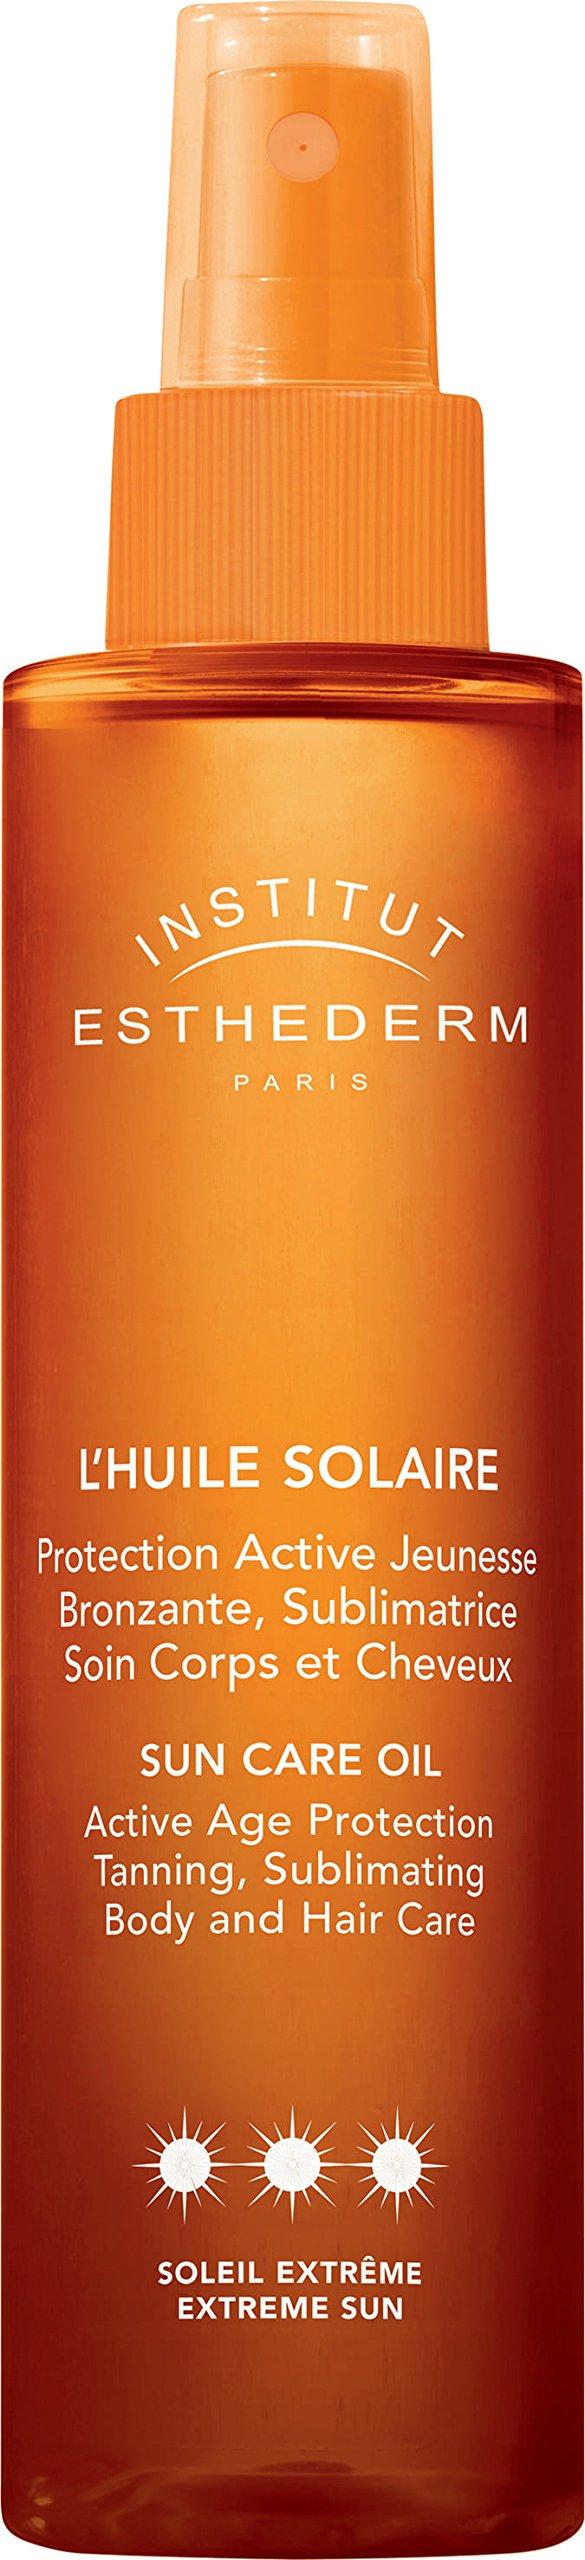 Esthederm Sun Bronz 3 Sunscreen, 221 g.